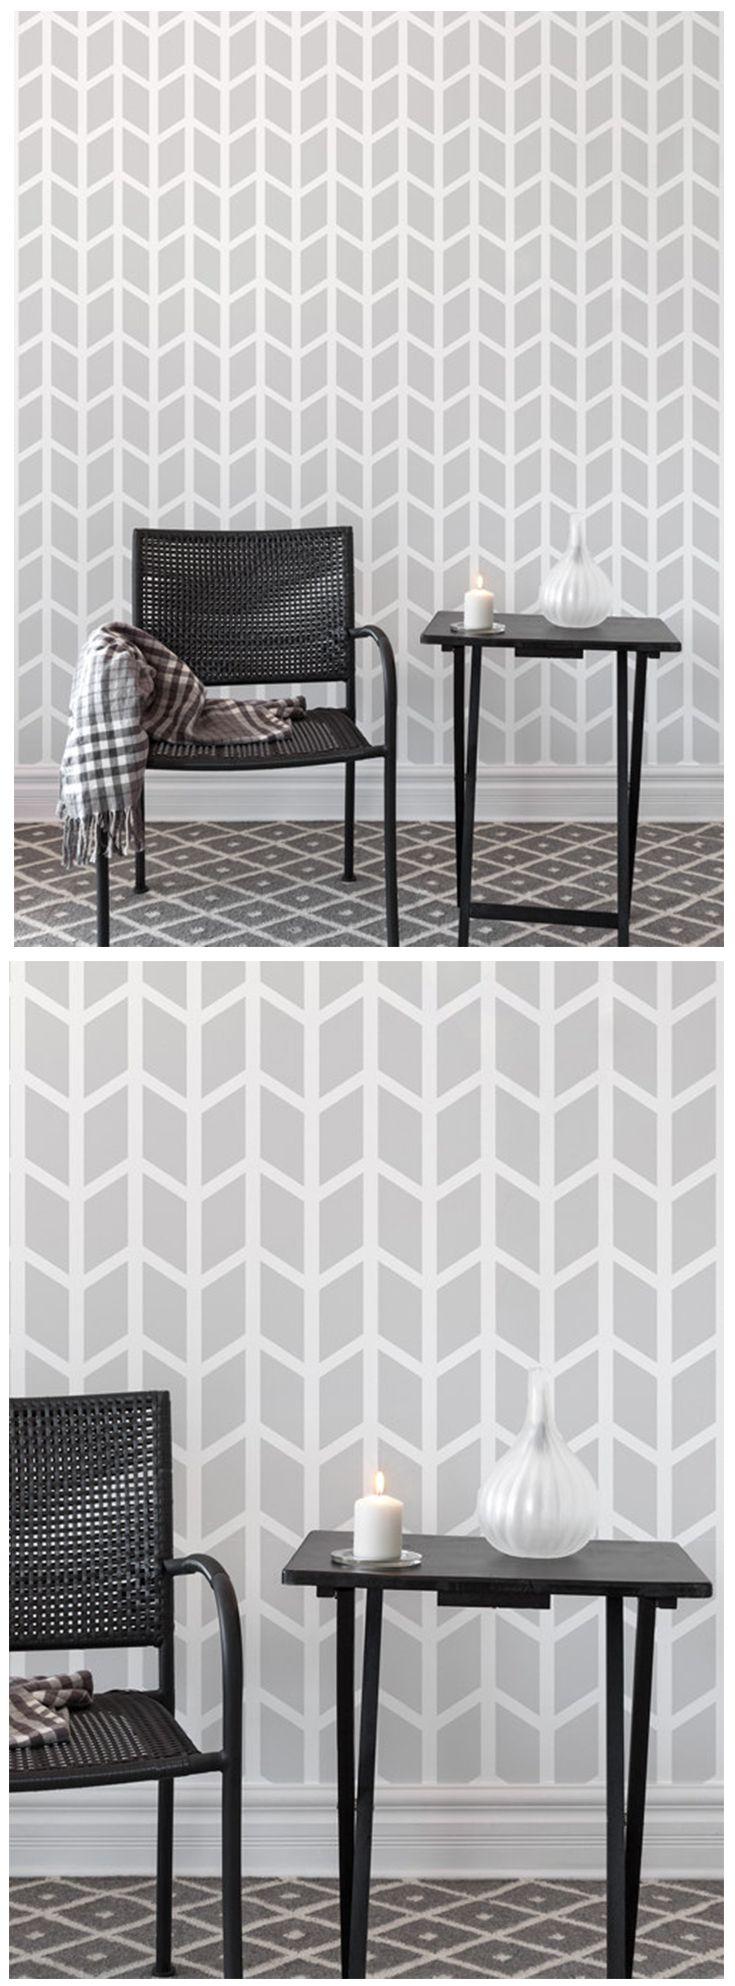 Chevron geometric pattern, wall stencil for interior wall decor & more.